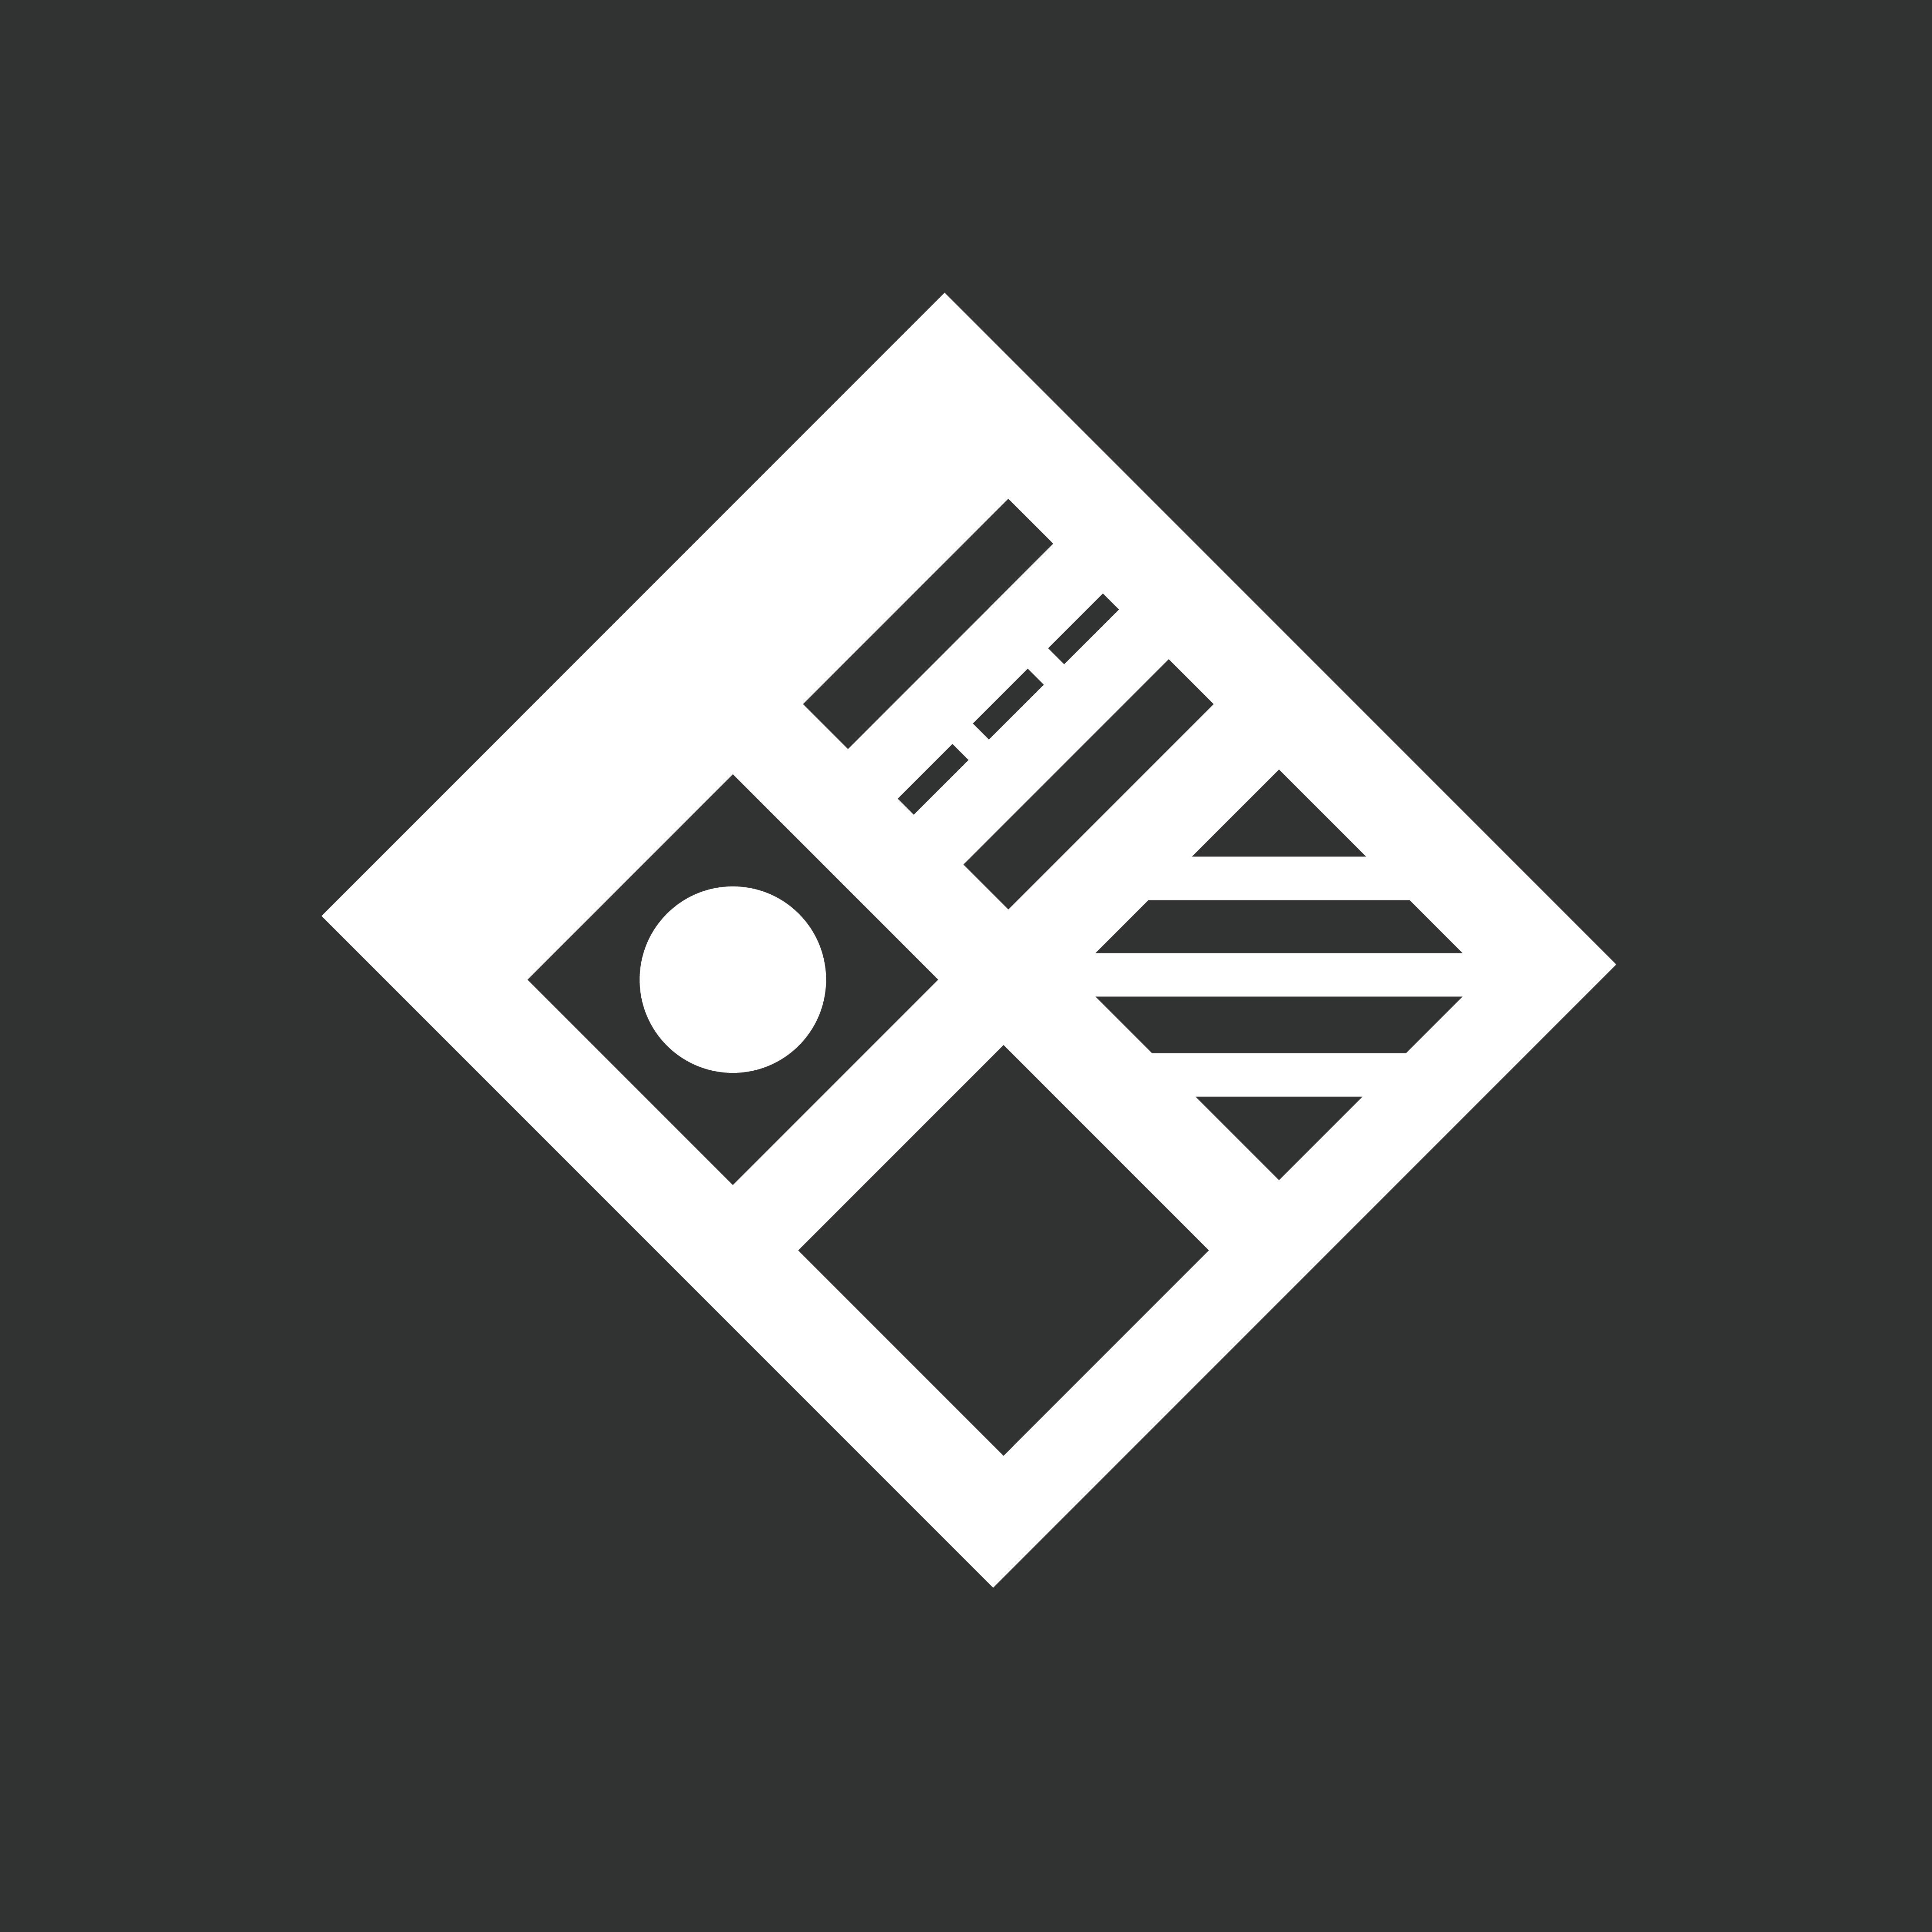 LWOND オフィシャルサイト